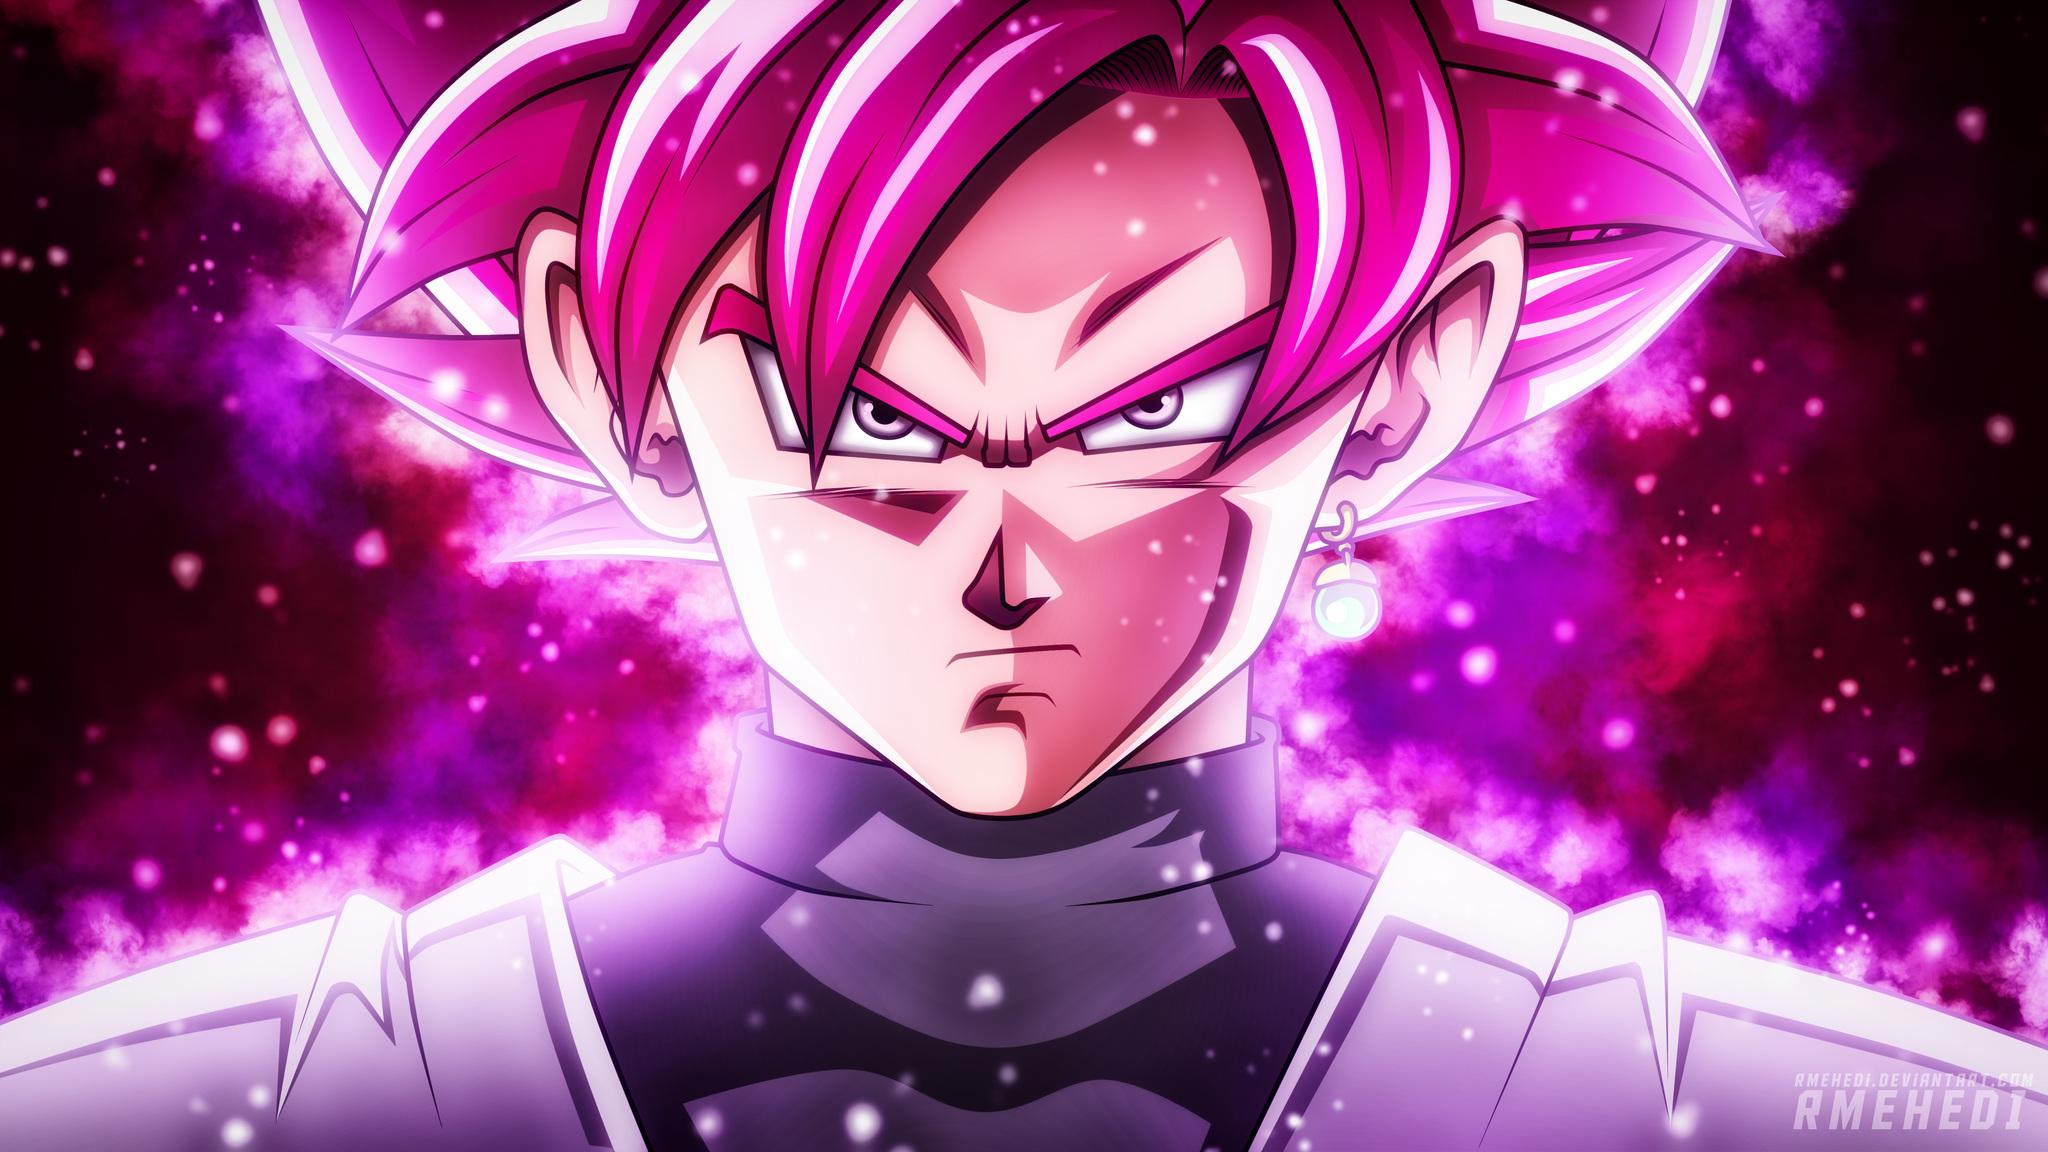 super-saiyan-rose-bg-5k-ix.jpg